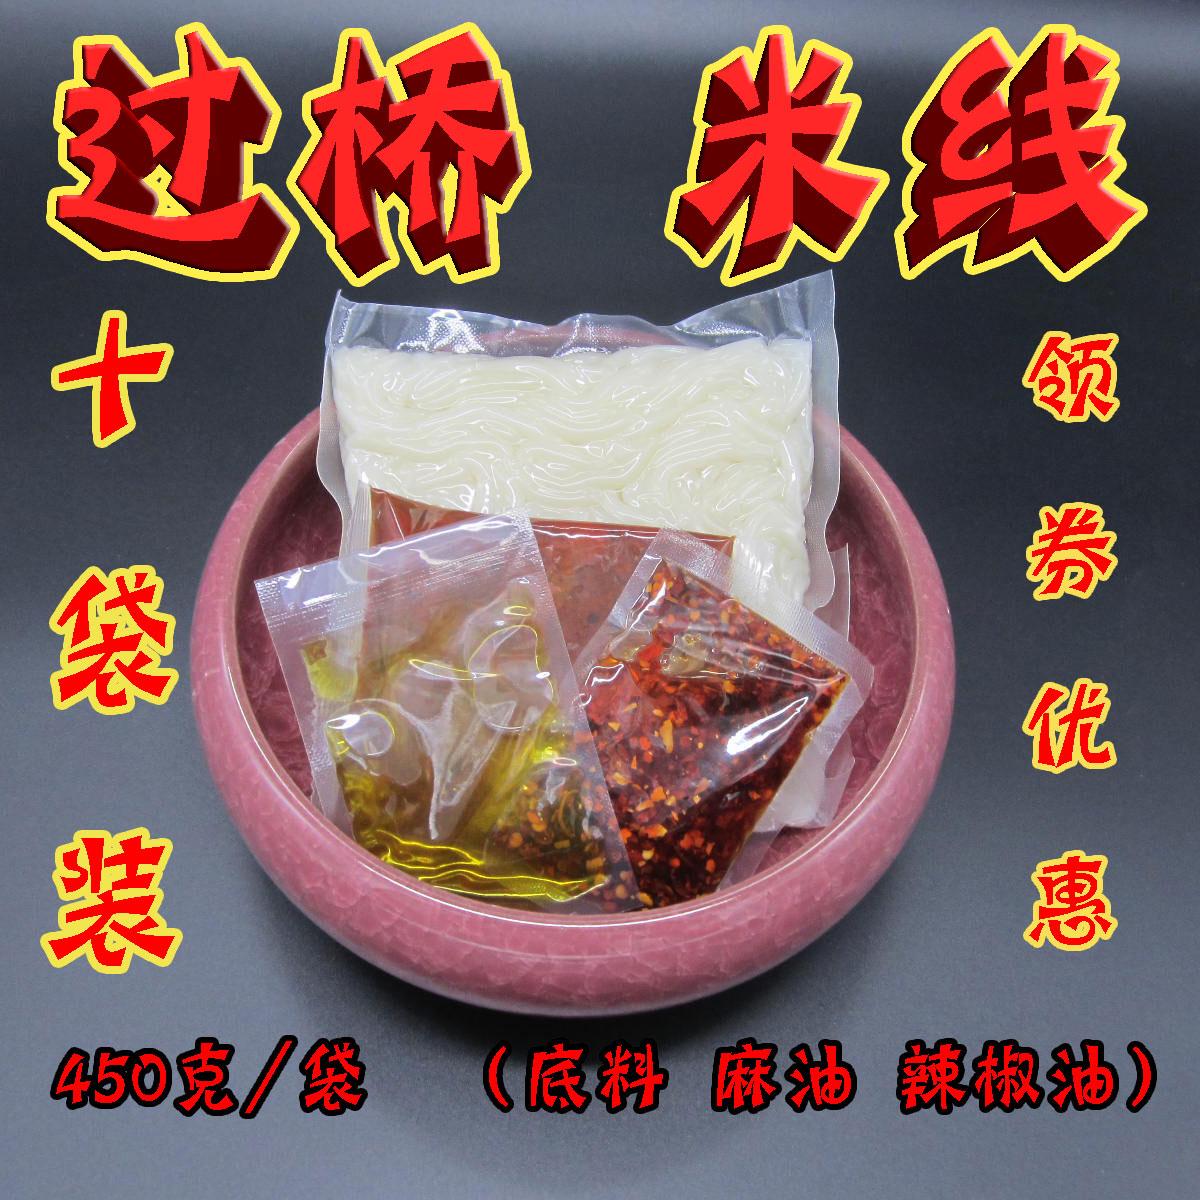 [10袋装*450g]正宗云南砂锅过桥麻辣粗米线东北口味批 发包邮